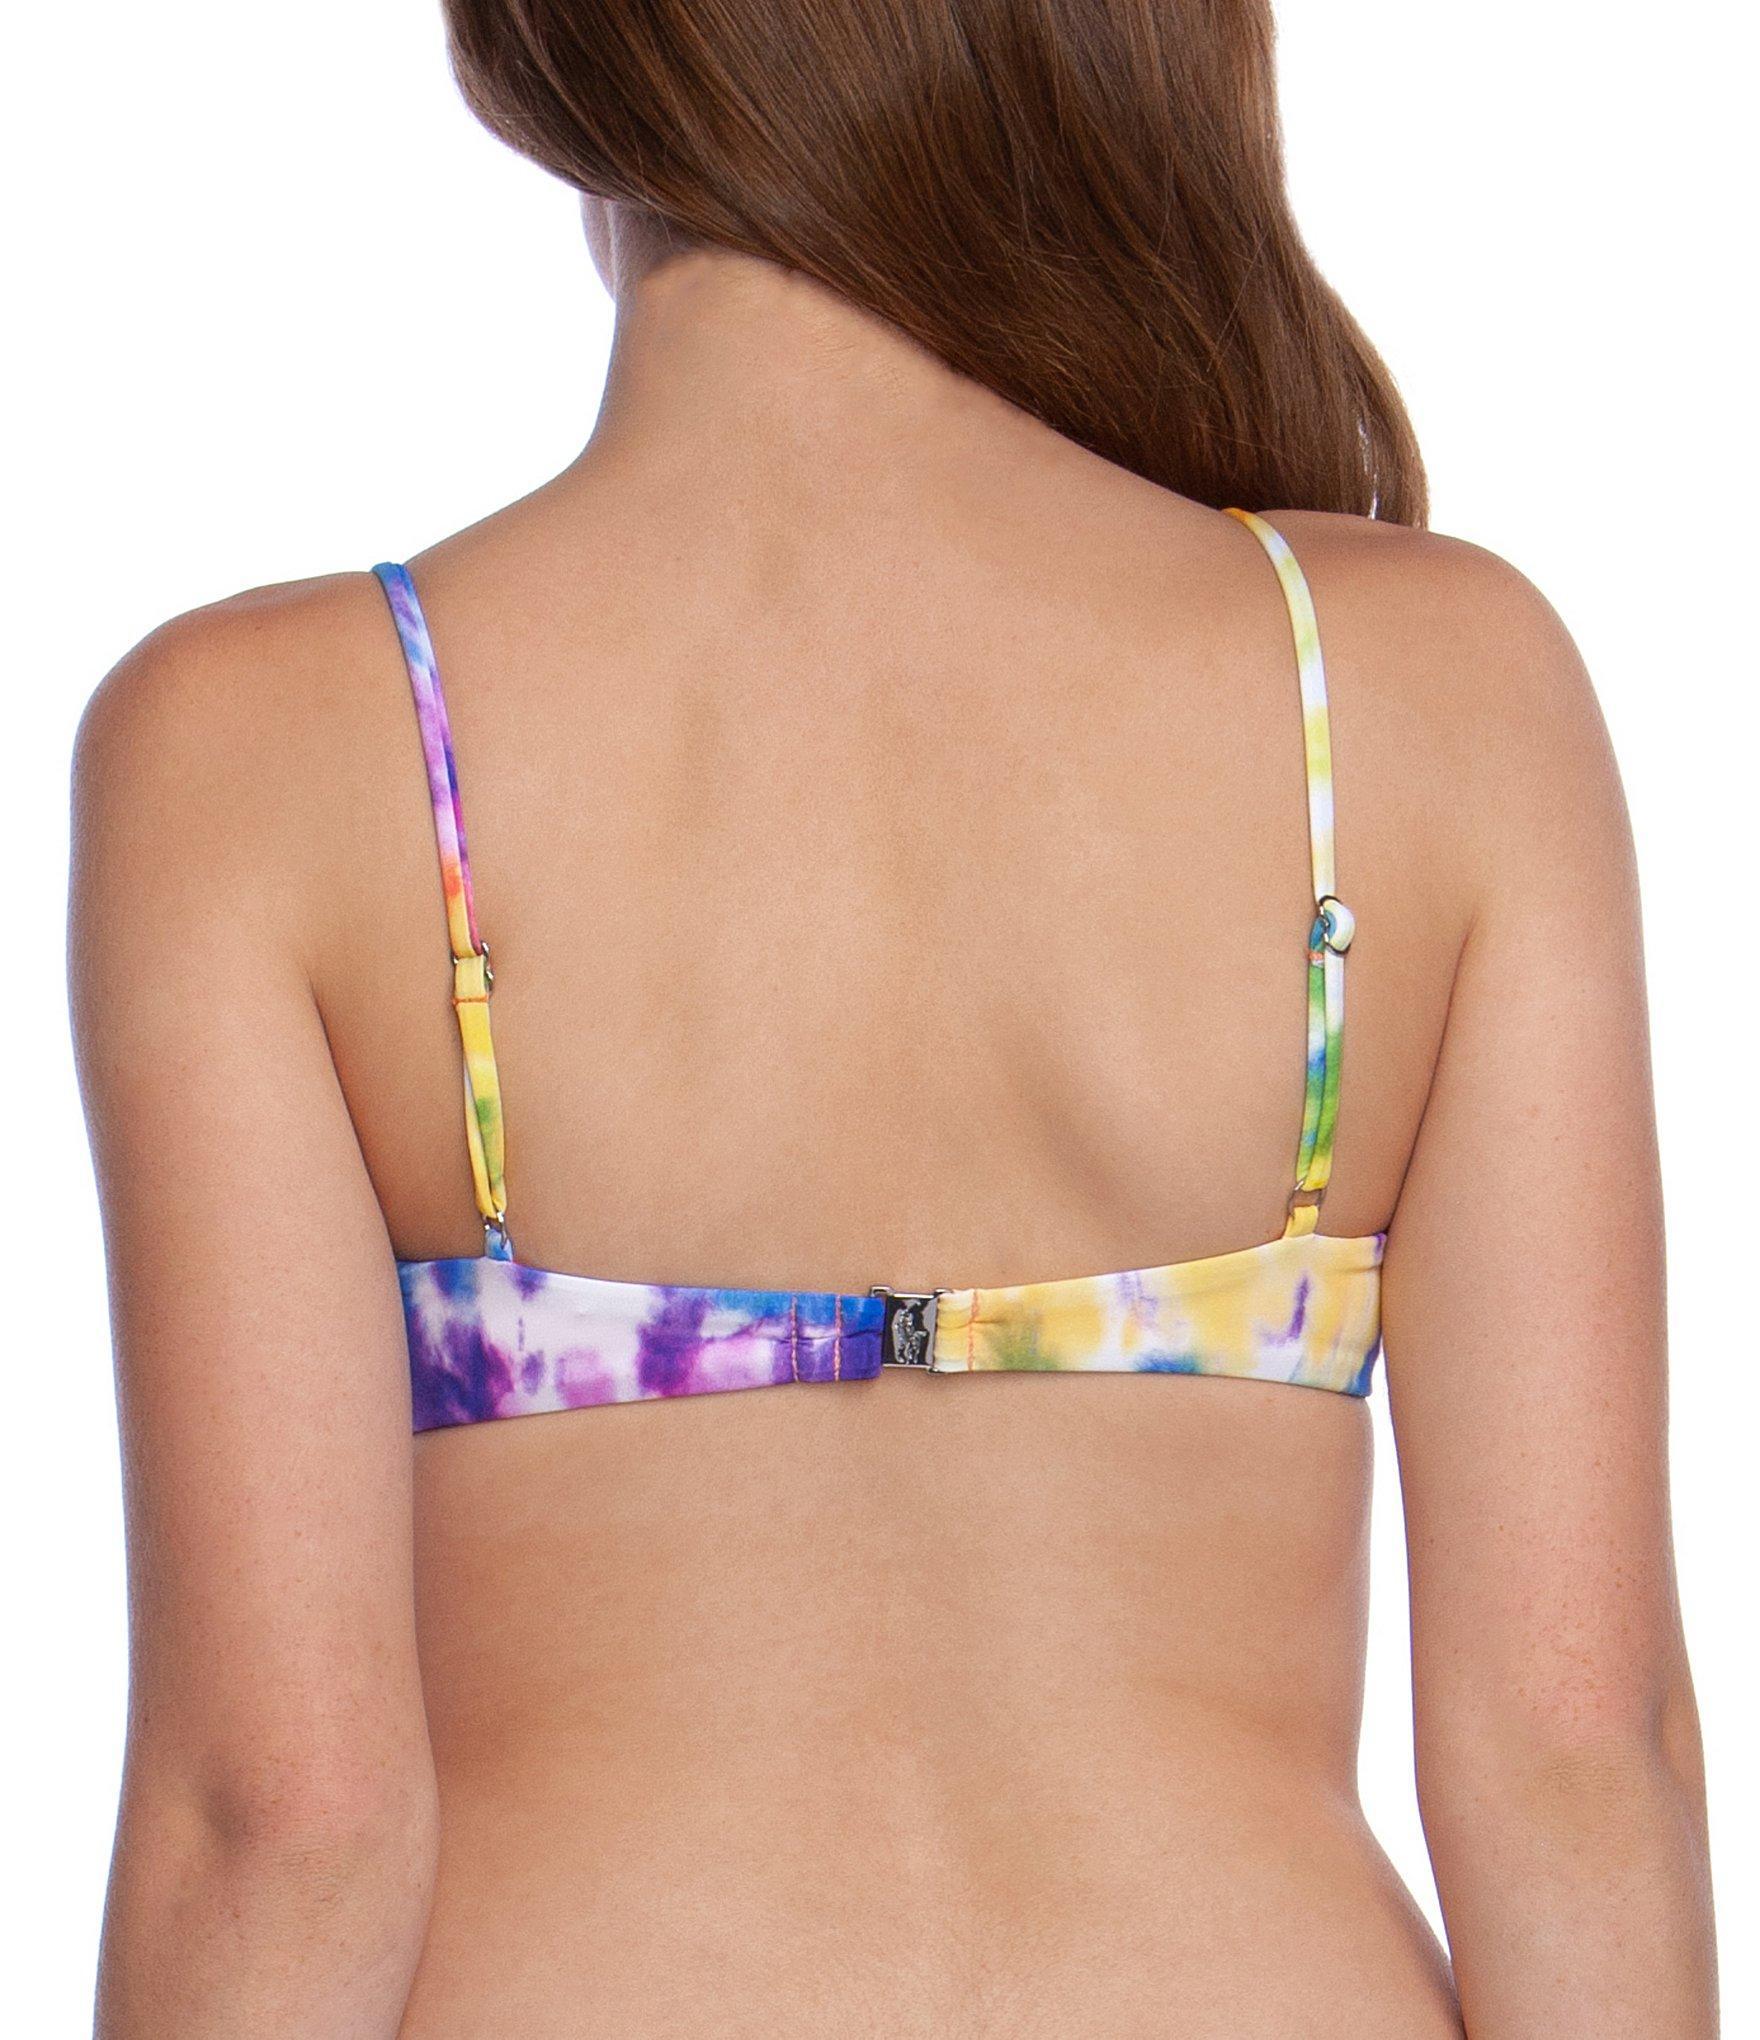 4a5d0100 Polo Ralph Lauren Spiral Tie Dye Loop Bra Swimsuit Top in Blue - Lyst